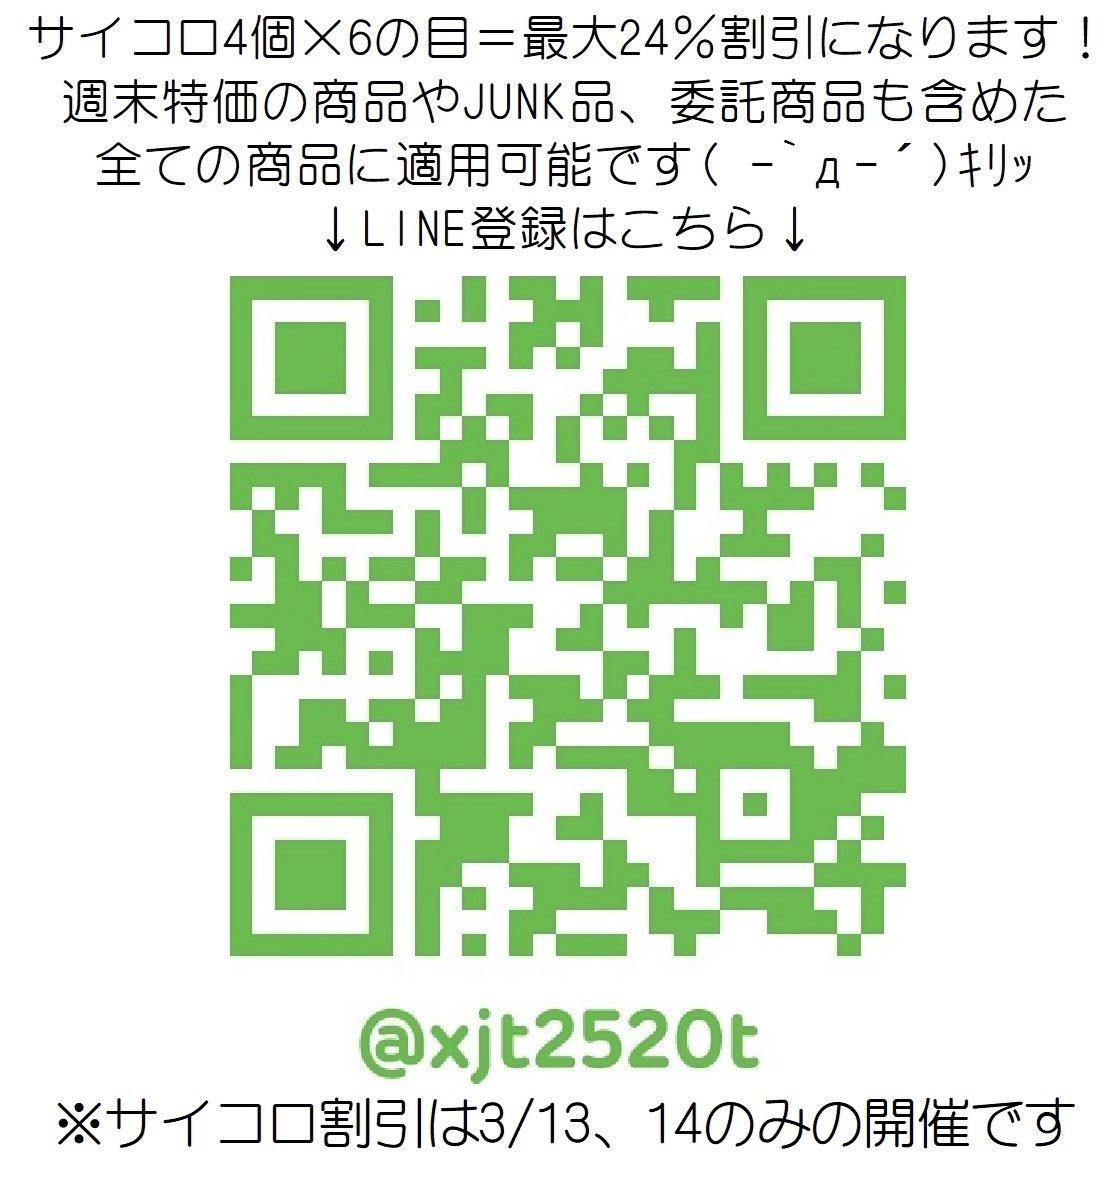 f:id:pc_paw:20210312154940j:plain